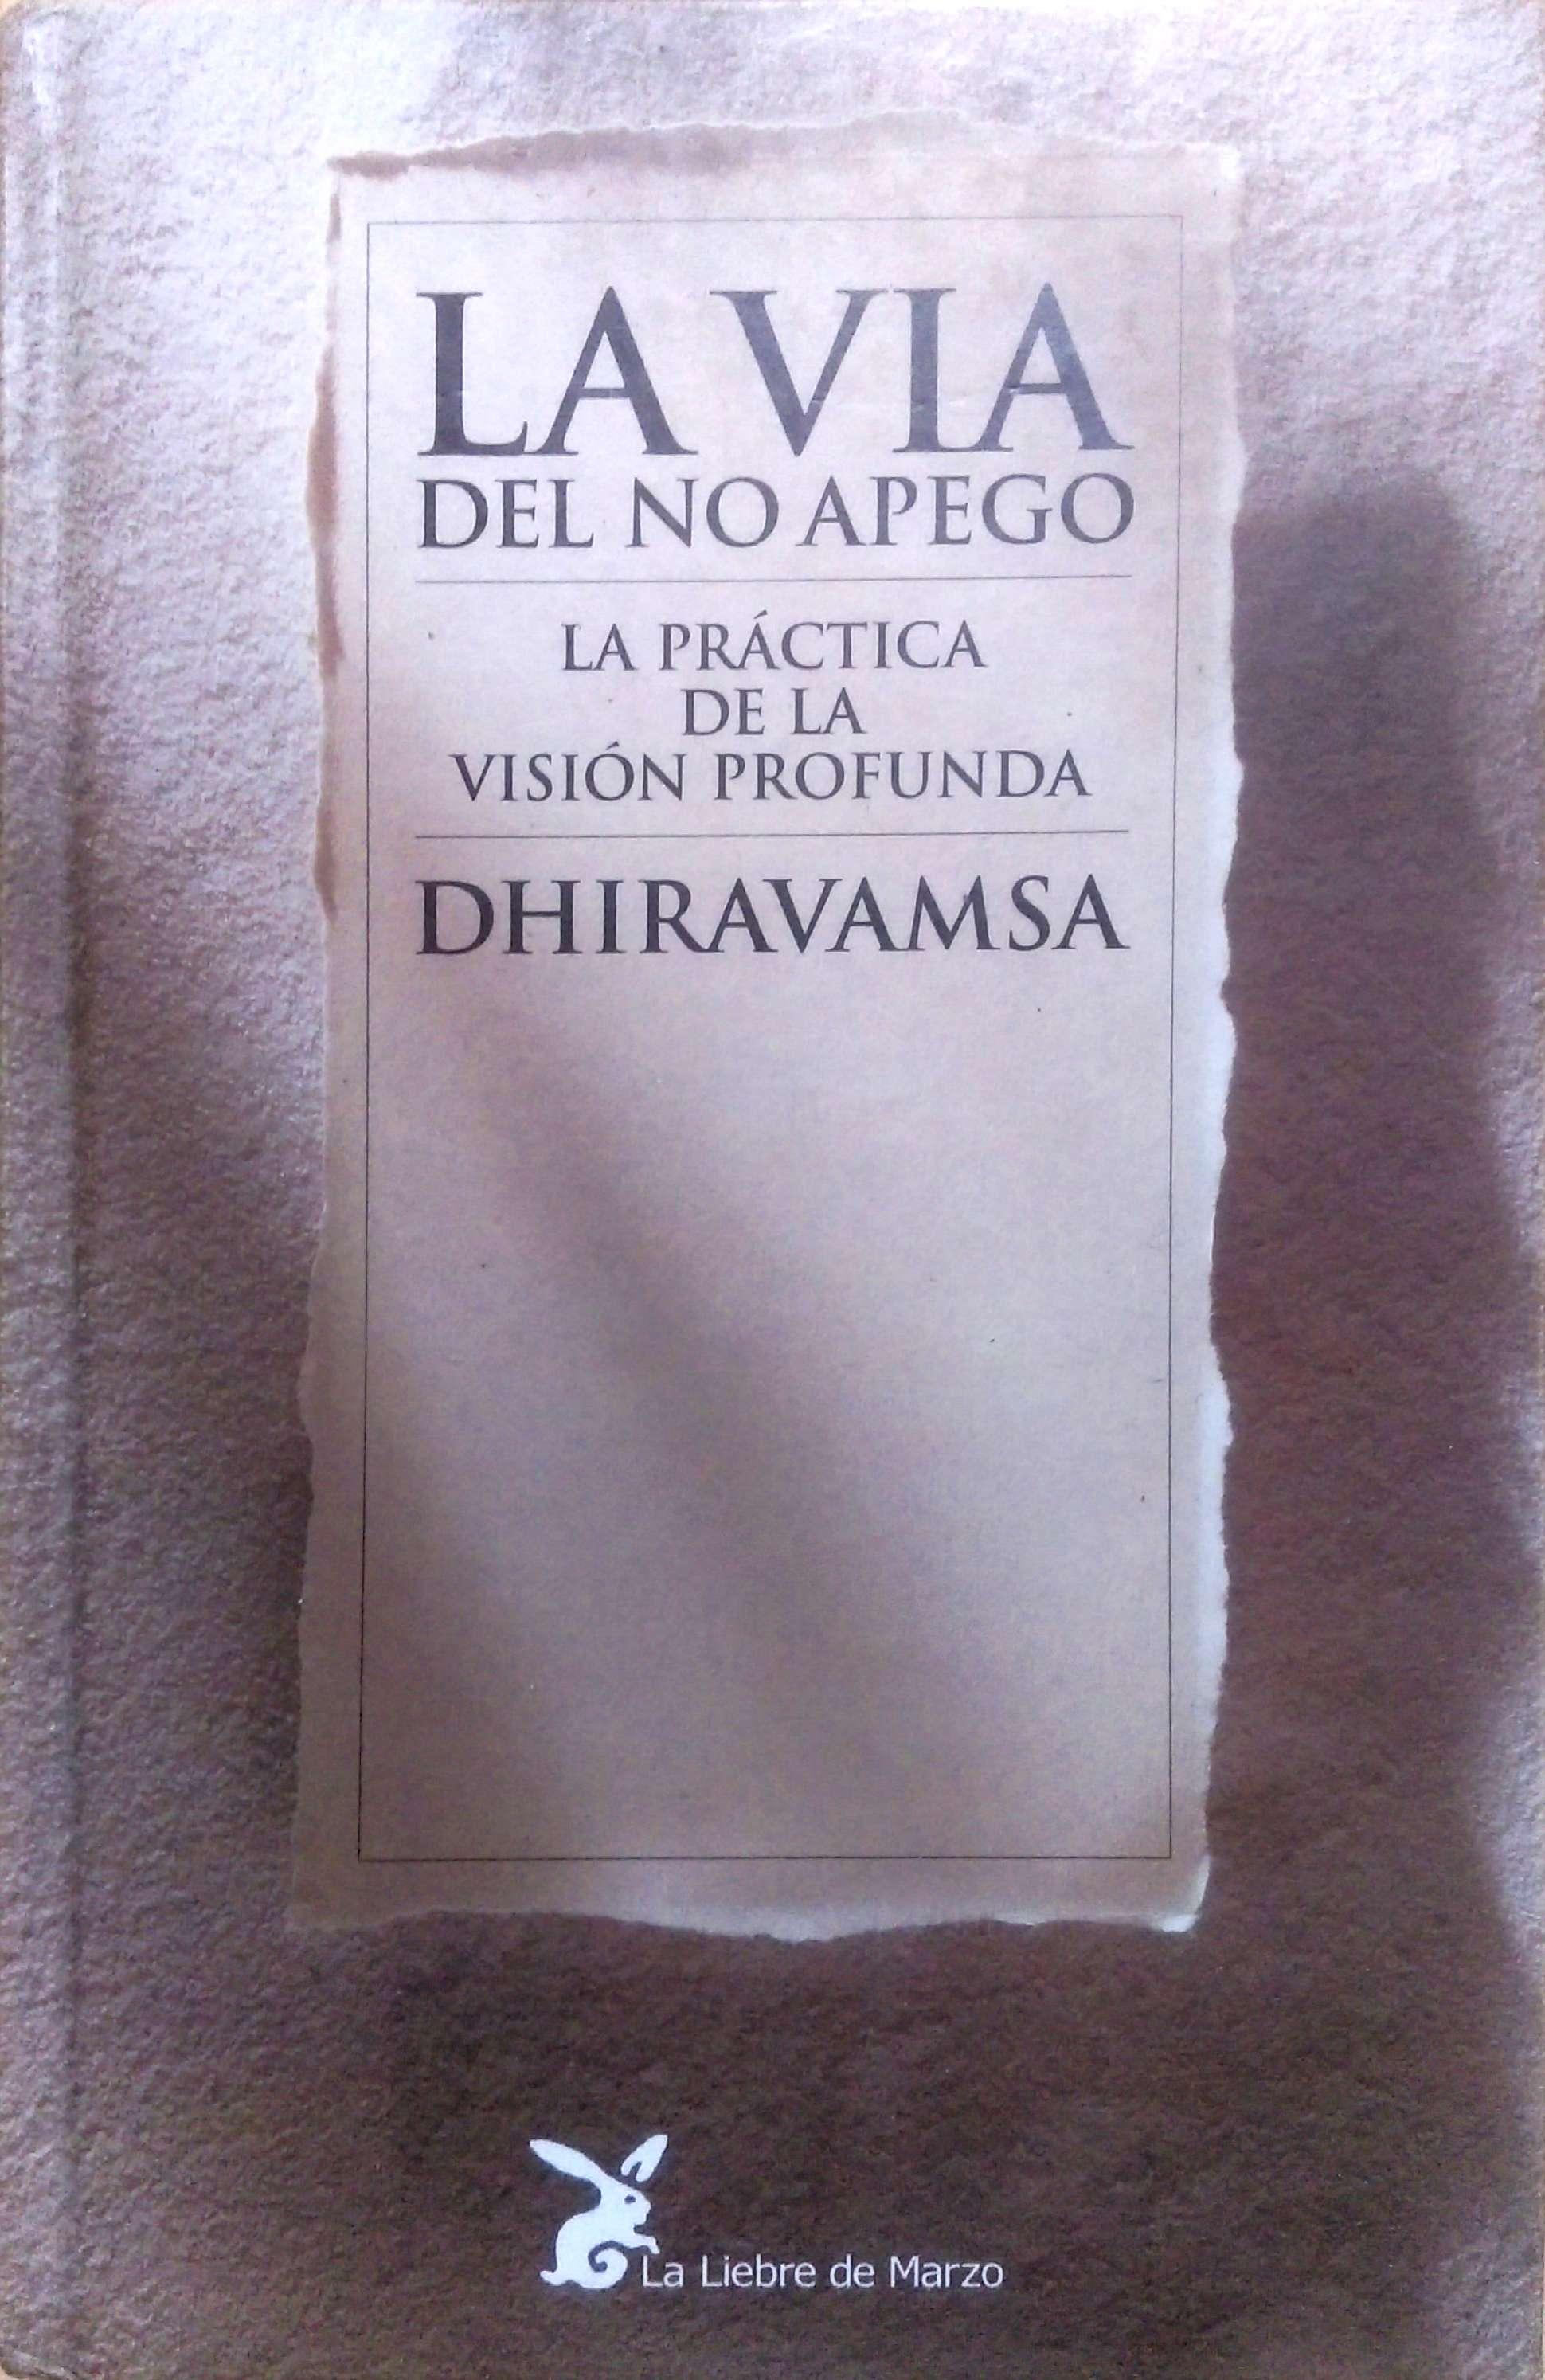 La vía del no apego. Dhiravamsa en almayogavida.com